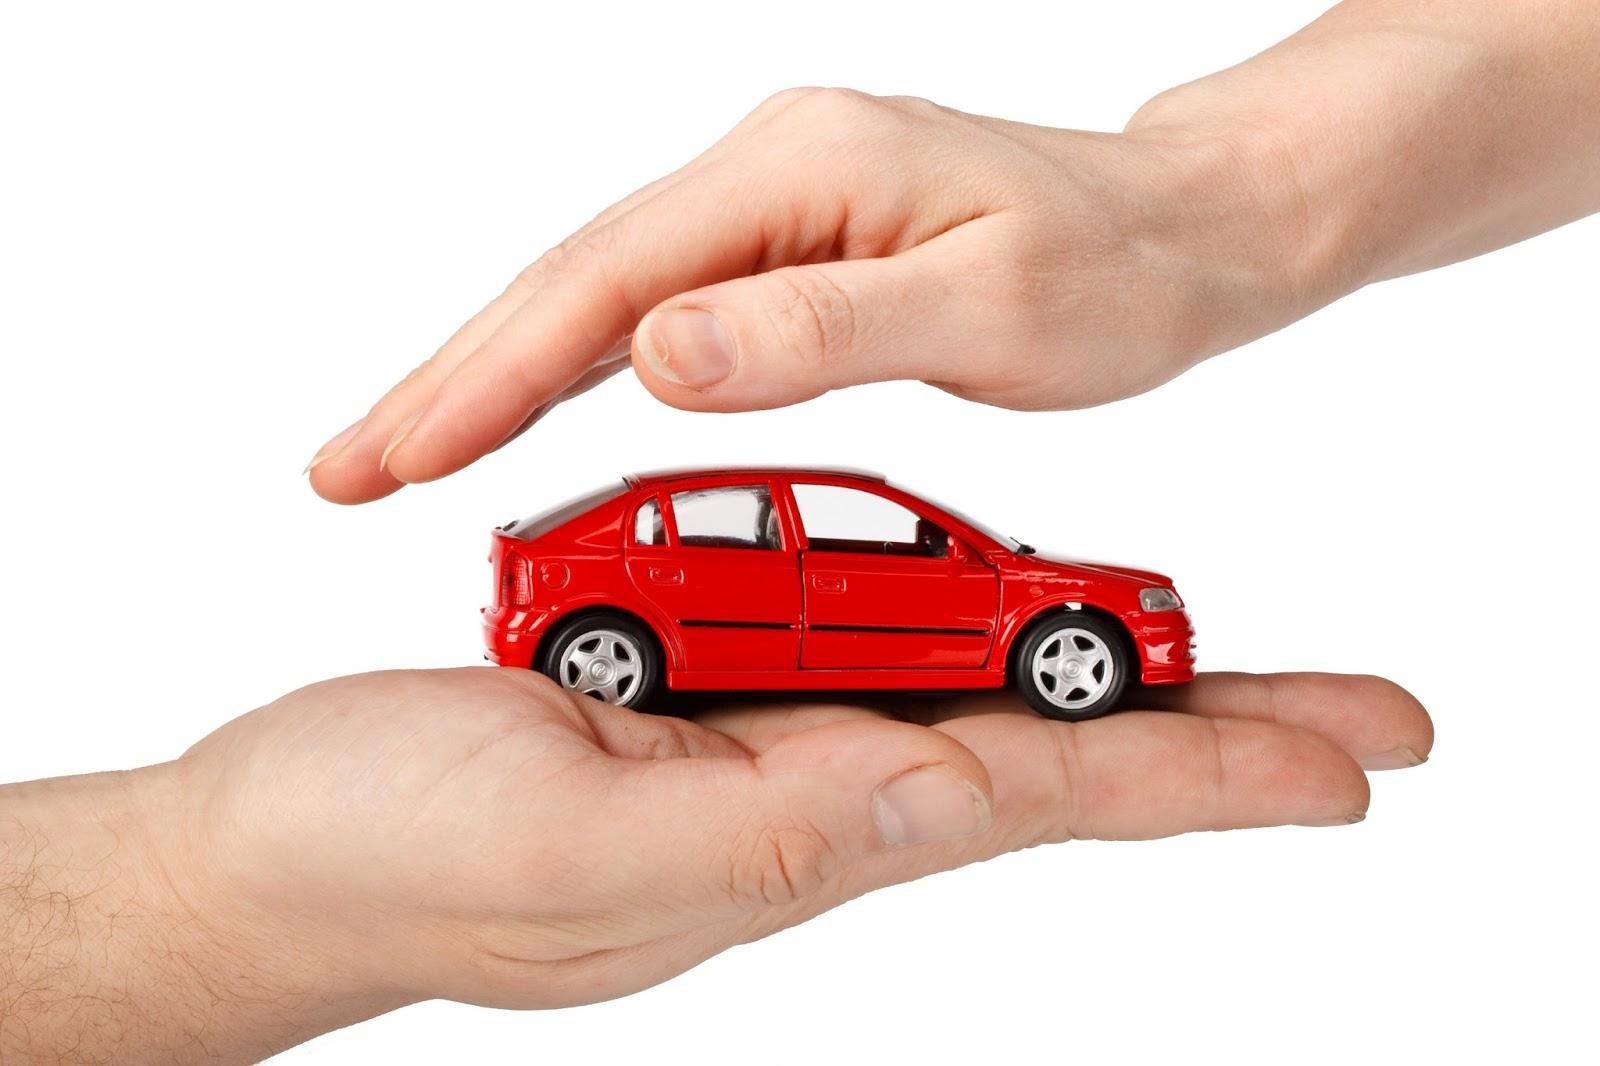 Автострахование ОСАГО для водителей Харькова, а также преимущества и ключевые особенности процедуры